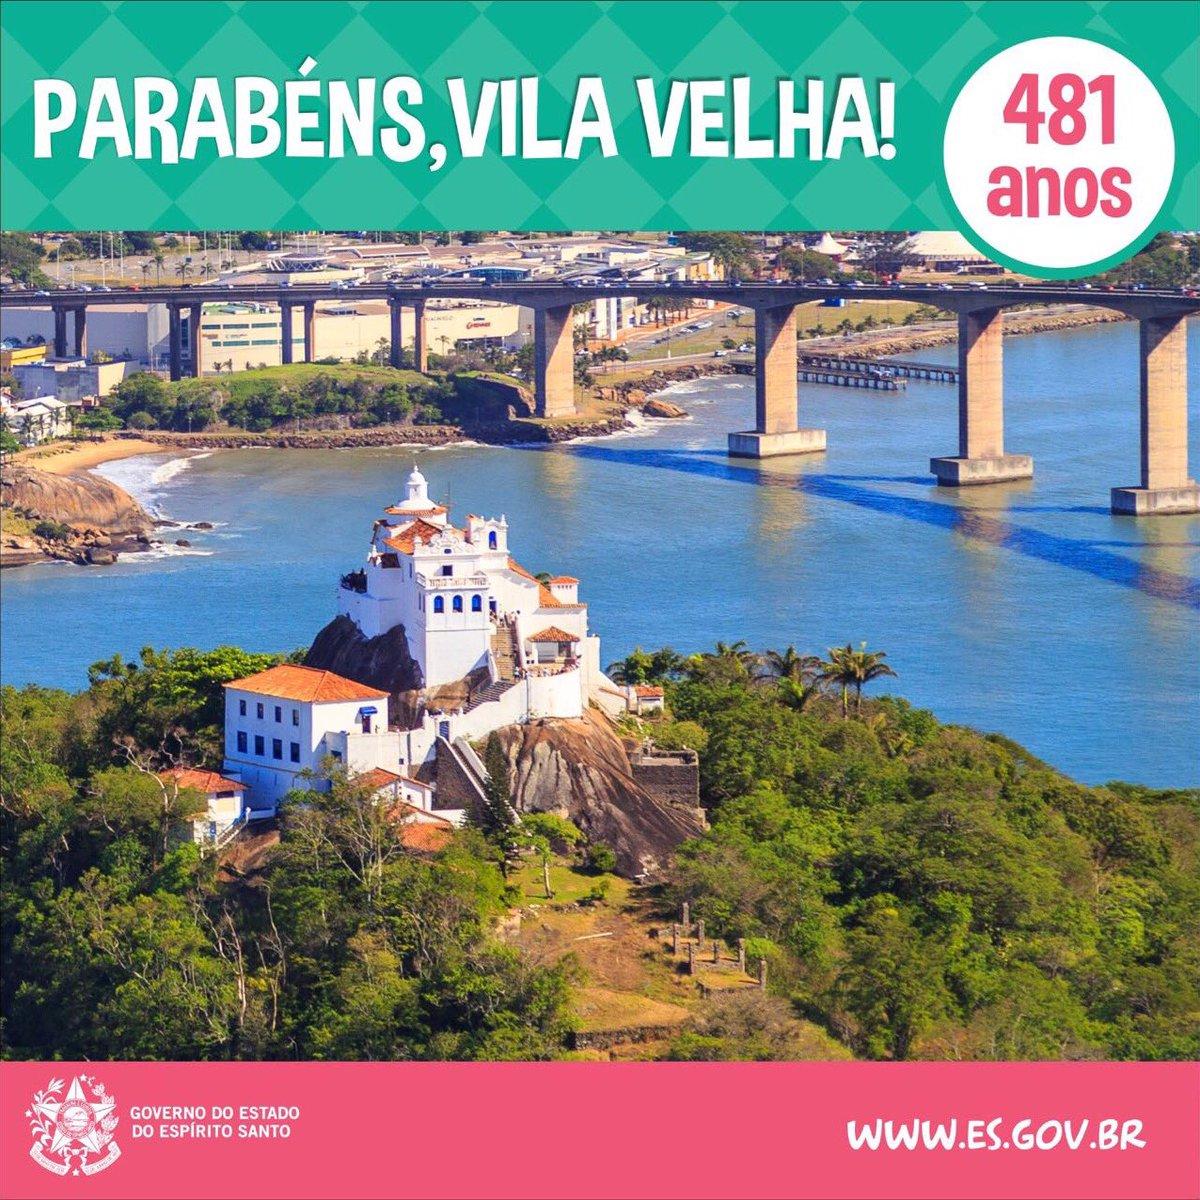 Parabéns, Vila Velha! 481 anos de história. A data marca também o início da Colonização do Solo Espírito-santense ;) https://t.co/6DOfUW3k0T